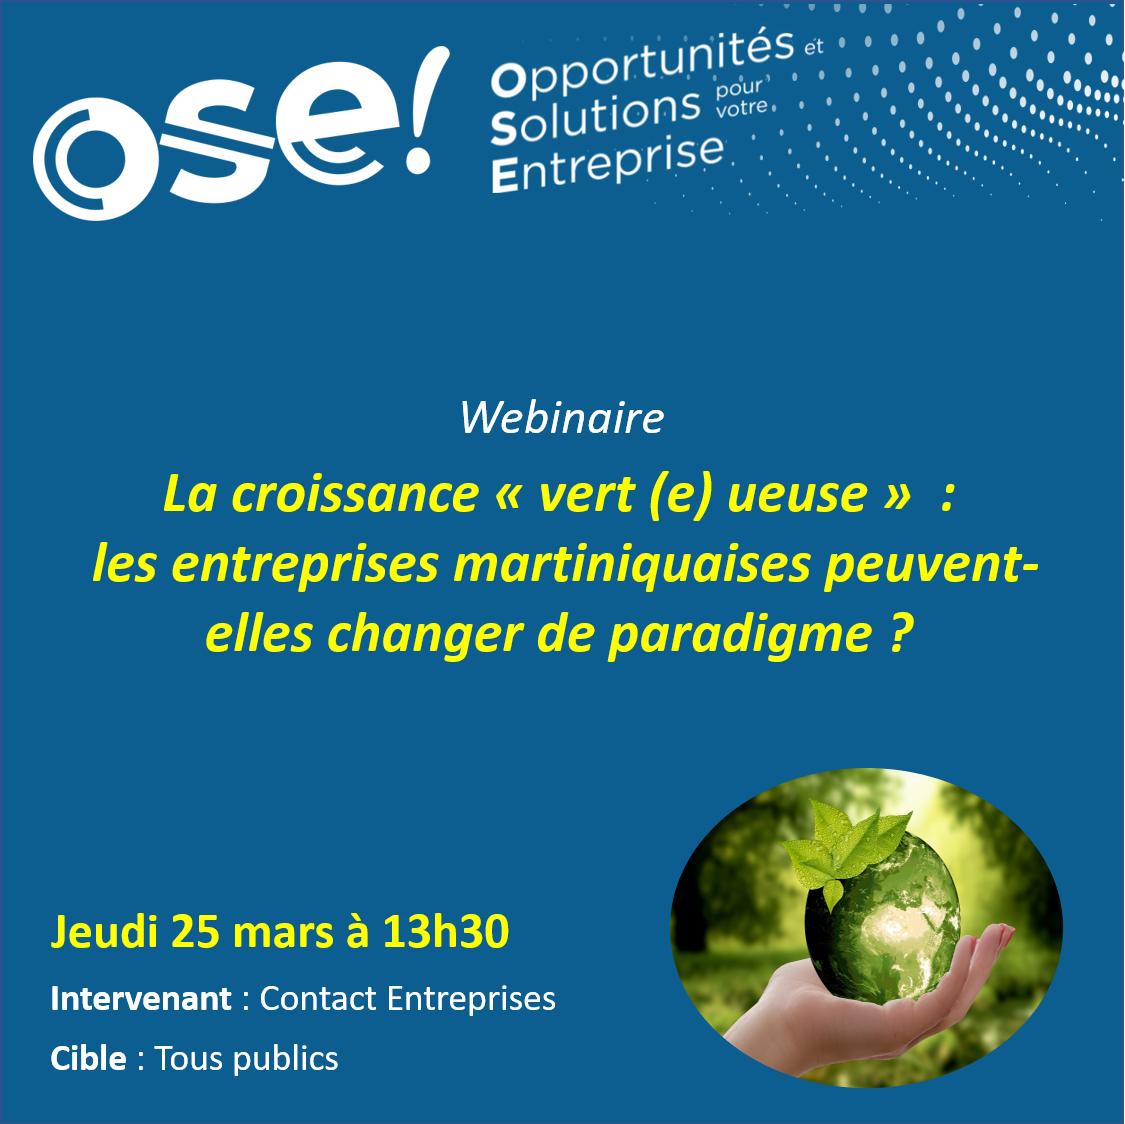 """La """" croissance verte ( e ) ueuse"""" : les entreprises martiniquaises peuvent-elles changer de paradigme ? - 25/03 13h30 (En ligne)"""